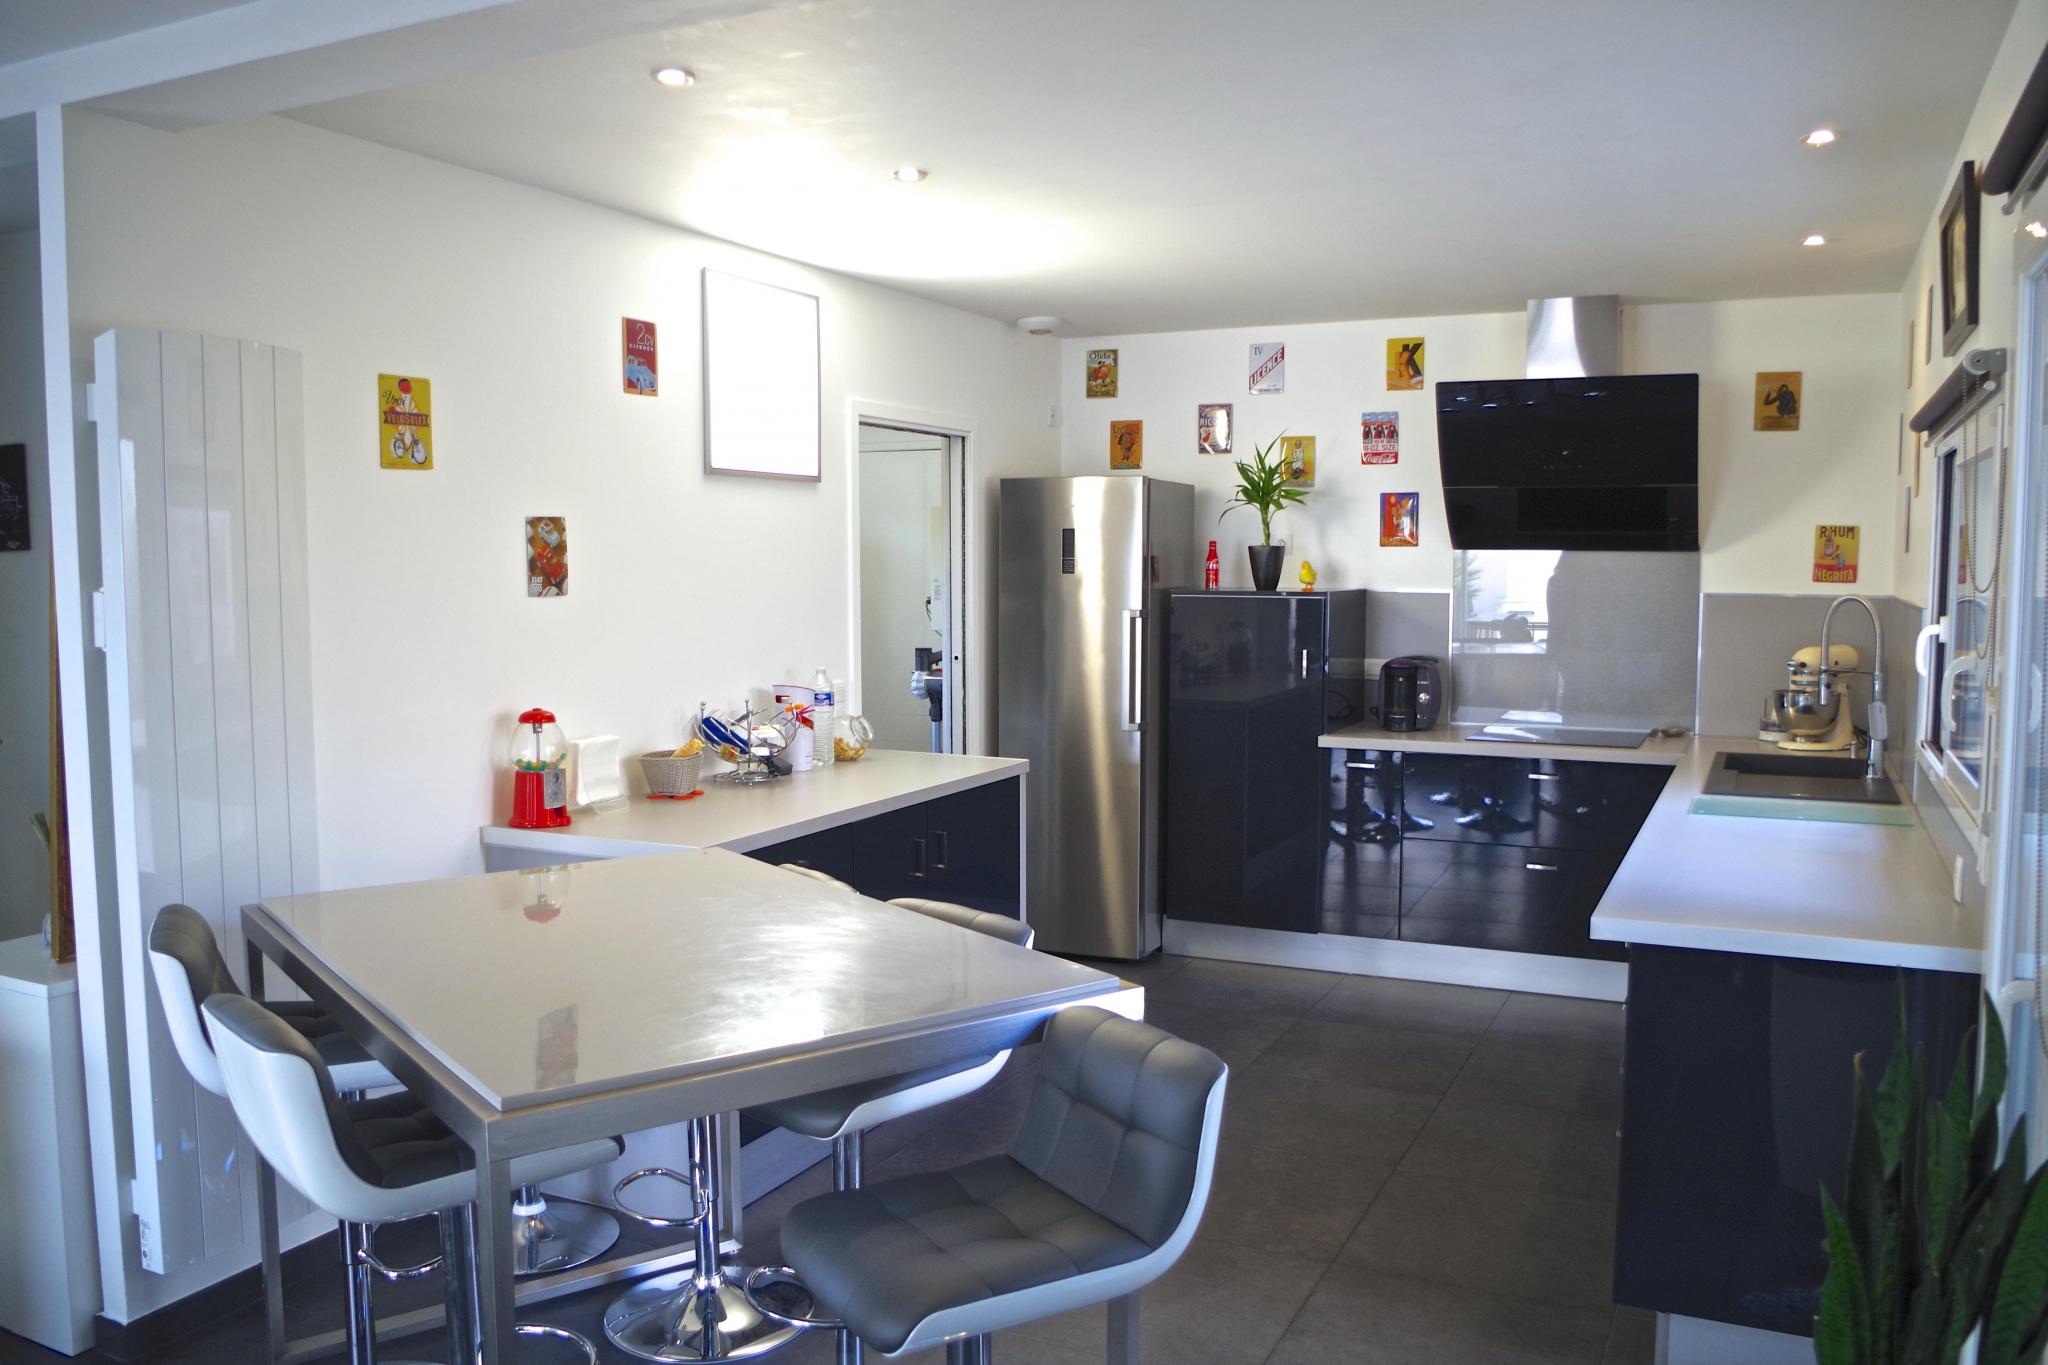 biens en vente maison 120 00 m 178 anglet 620 000 immobiliere biarritz